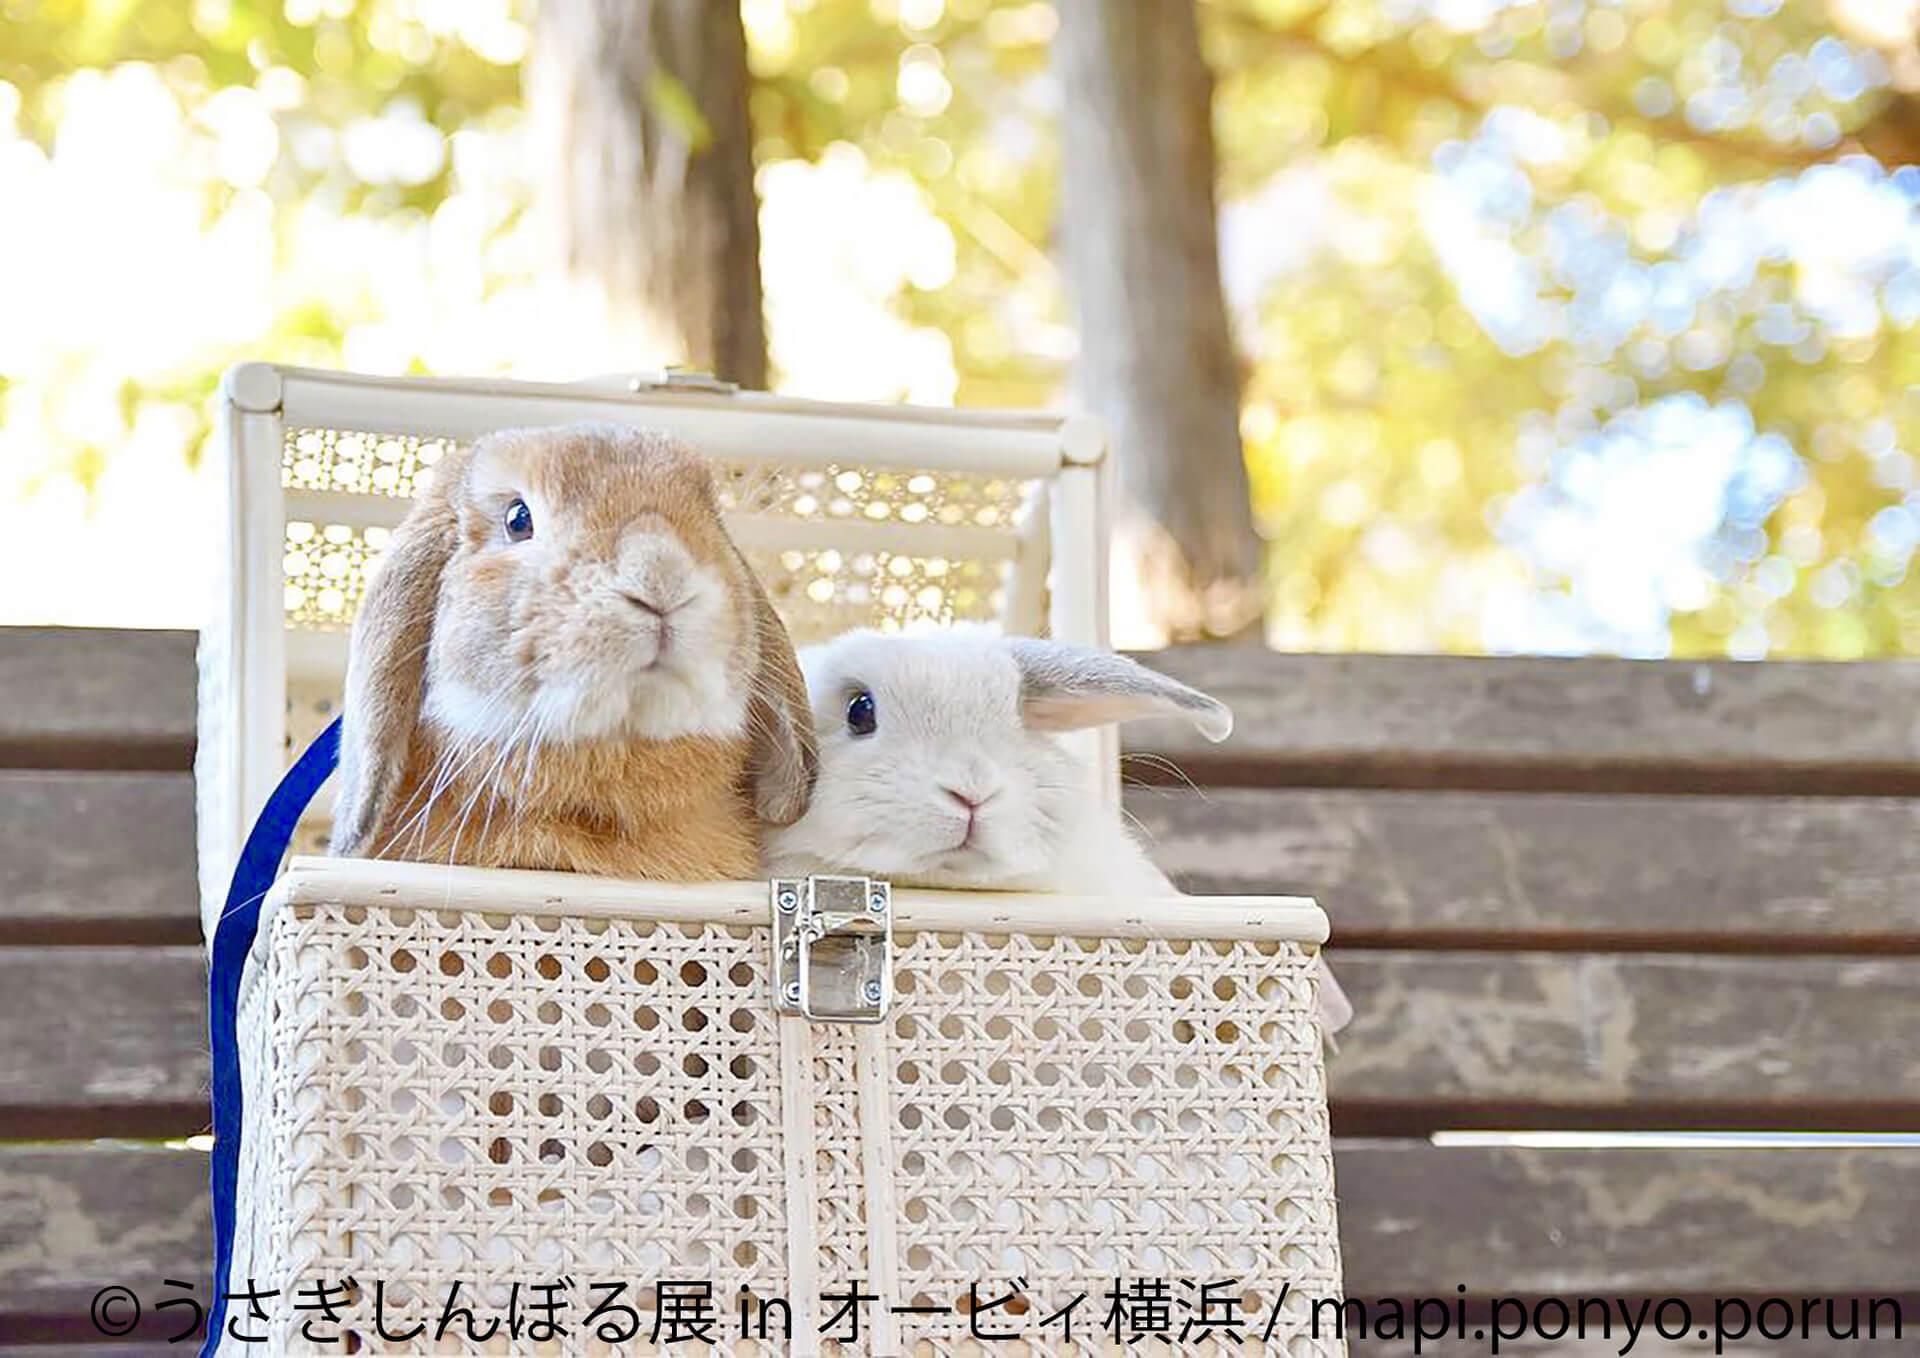 うさぎしんぼる展 in オービィ横浜